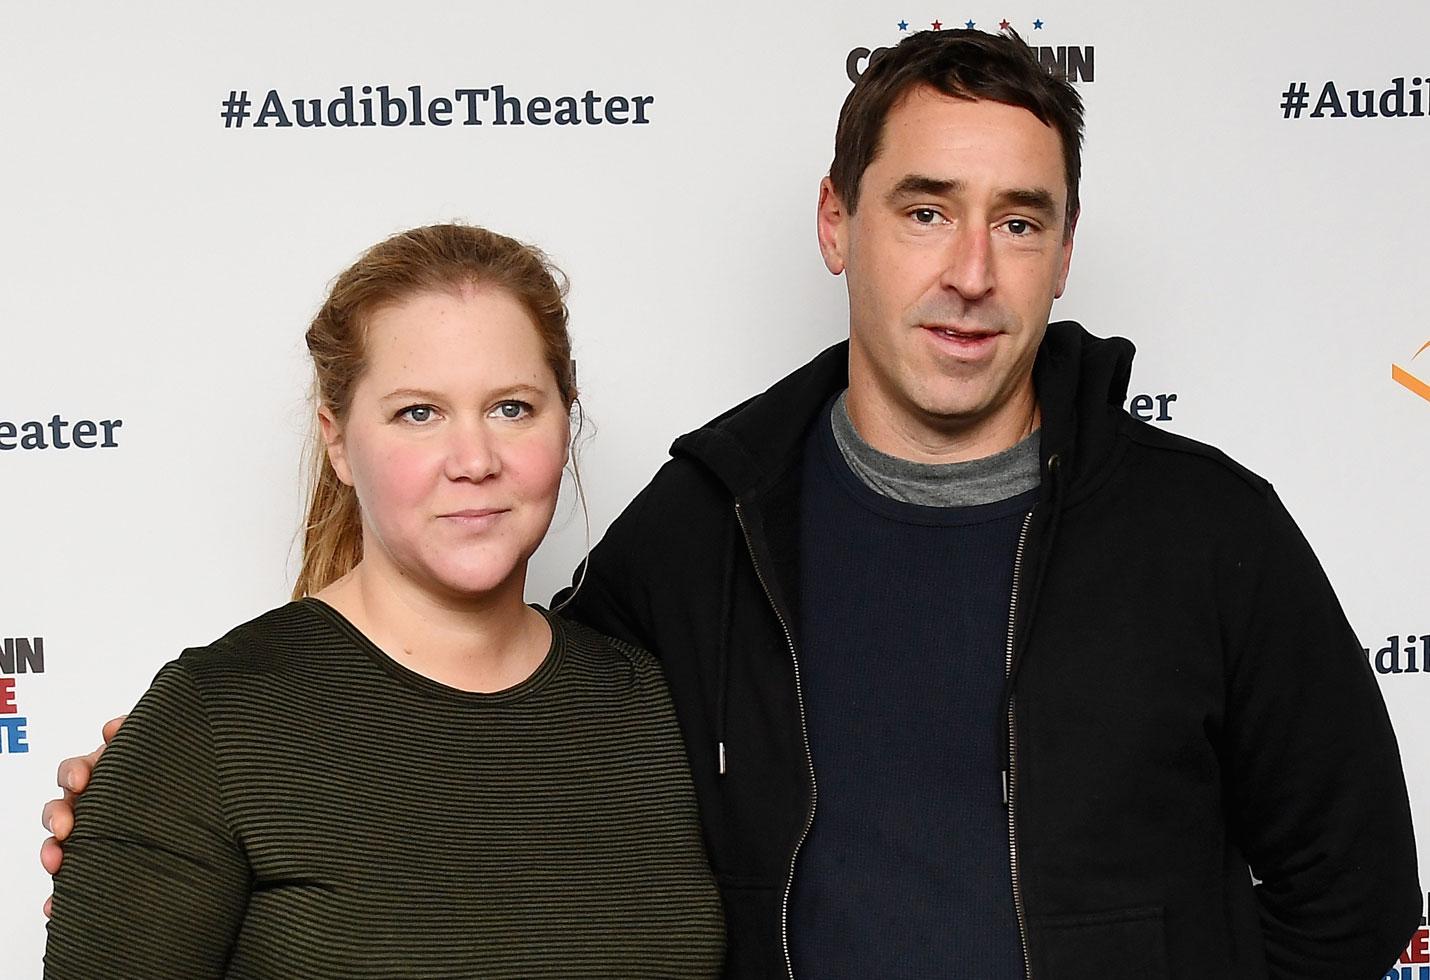 Amy schumer husband chris fischer autism spectrum disorder